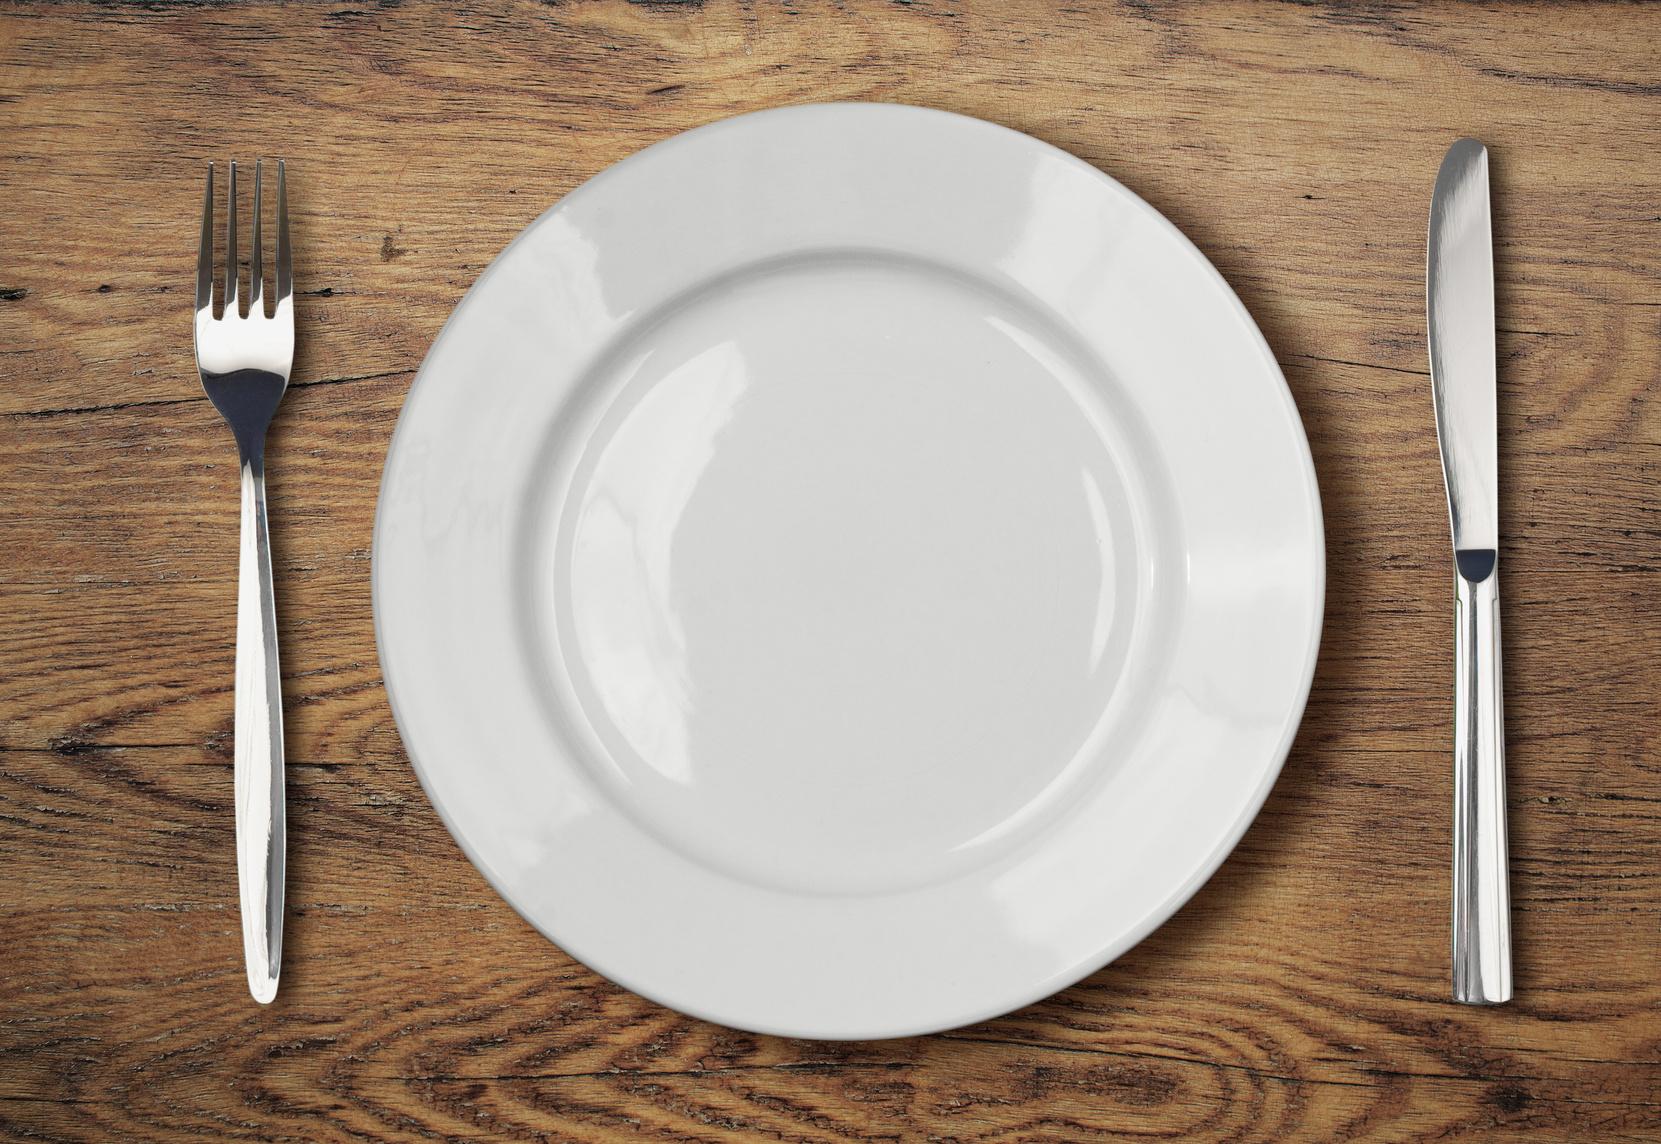 mit kell vacsorázni hogy ne fogyjon és ne fogyjon